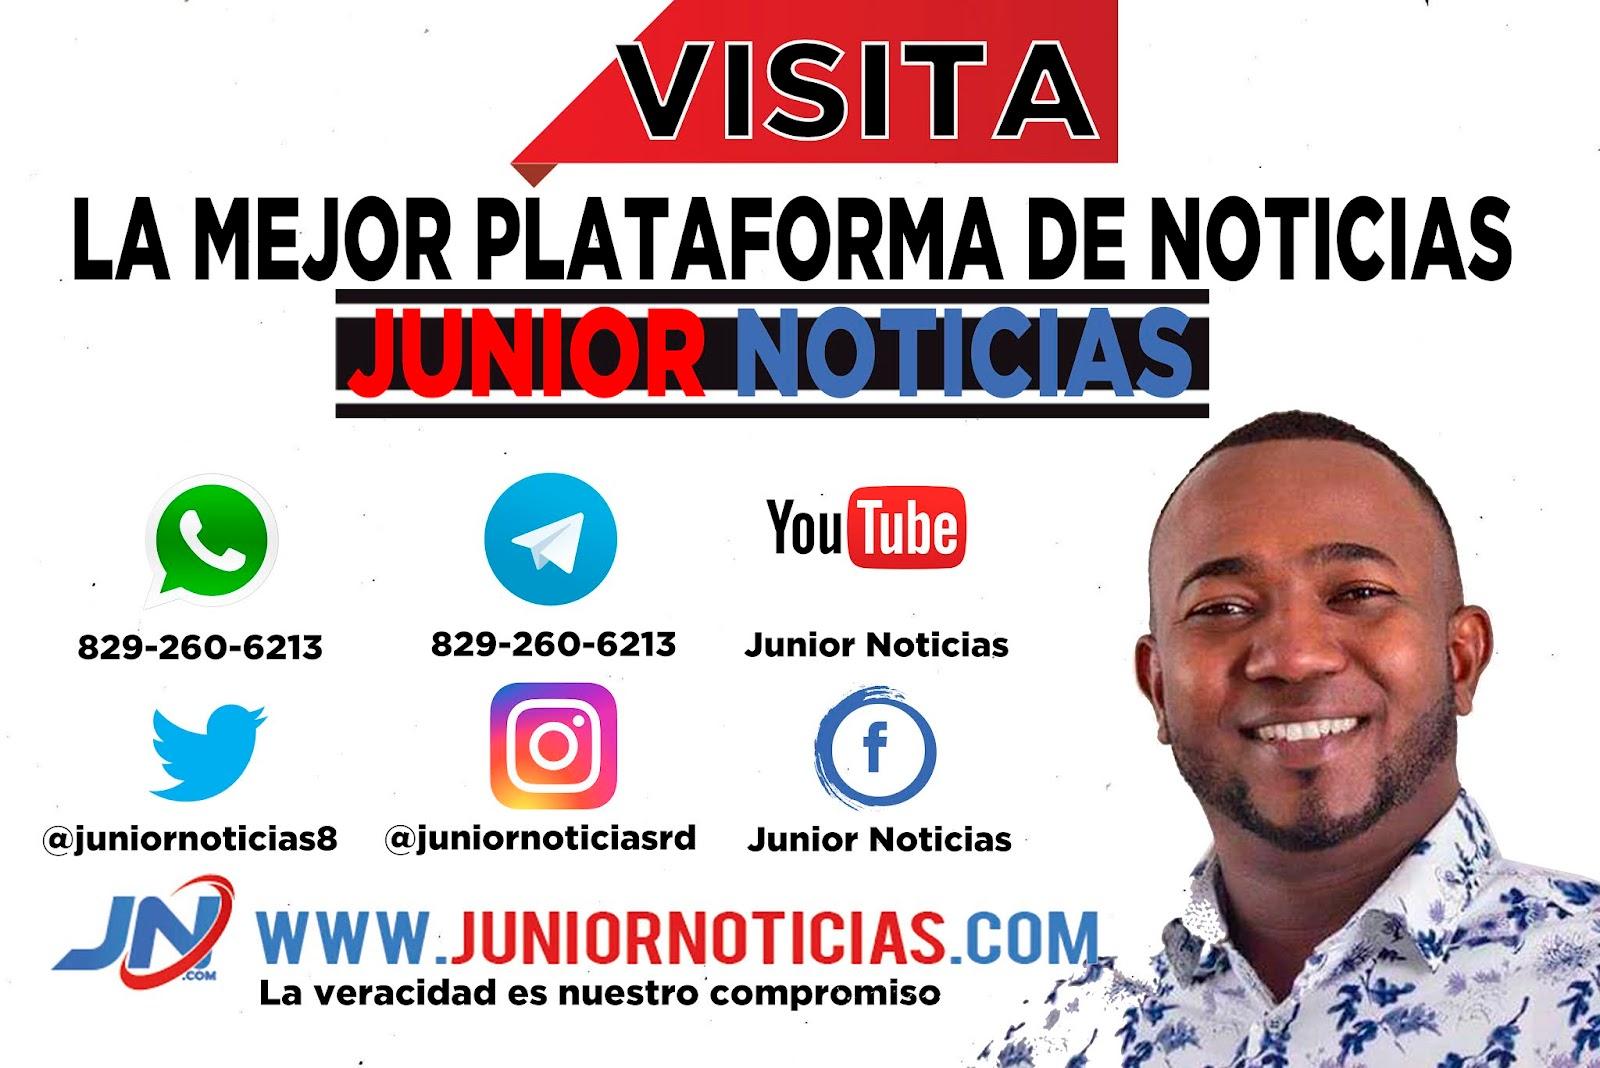 JuniorNoticias.com